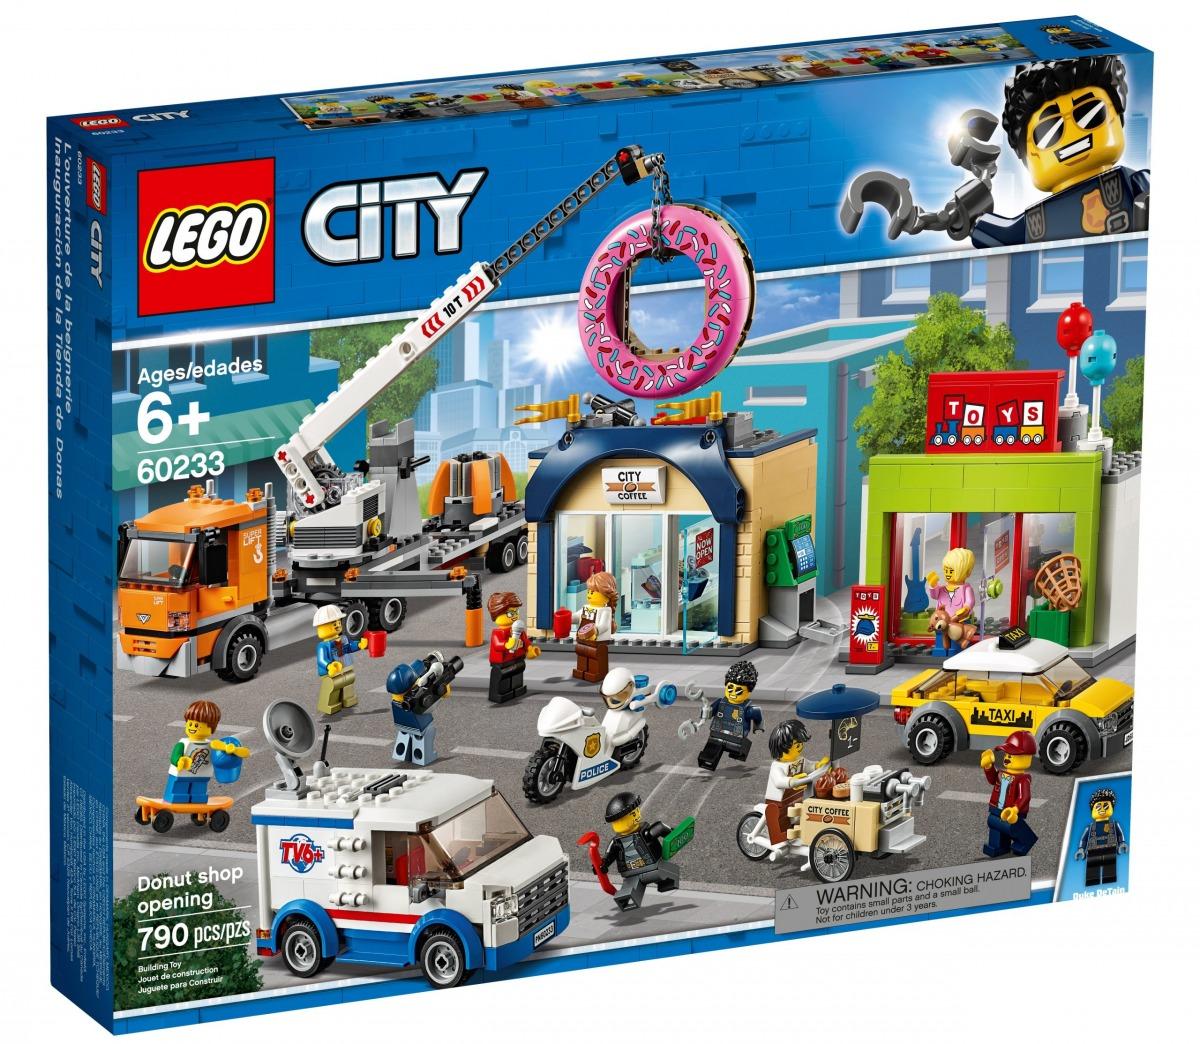 lego 60233 munkbutiken oppnar scaled